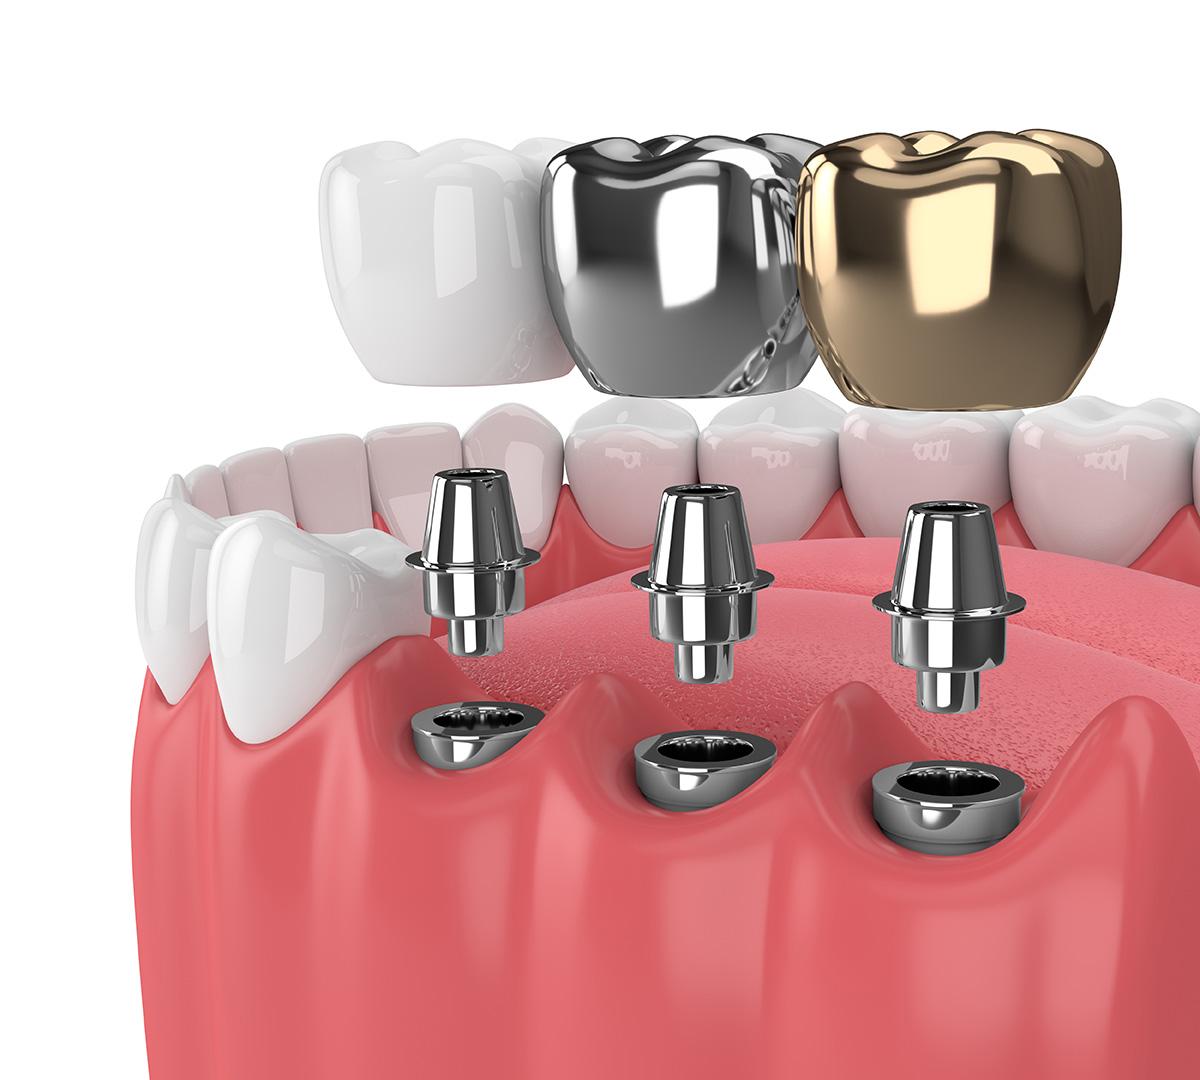 كل ما يتعلق بتركيب الأسنان بأنواعها وأشكالها المختلفة